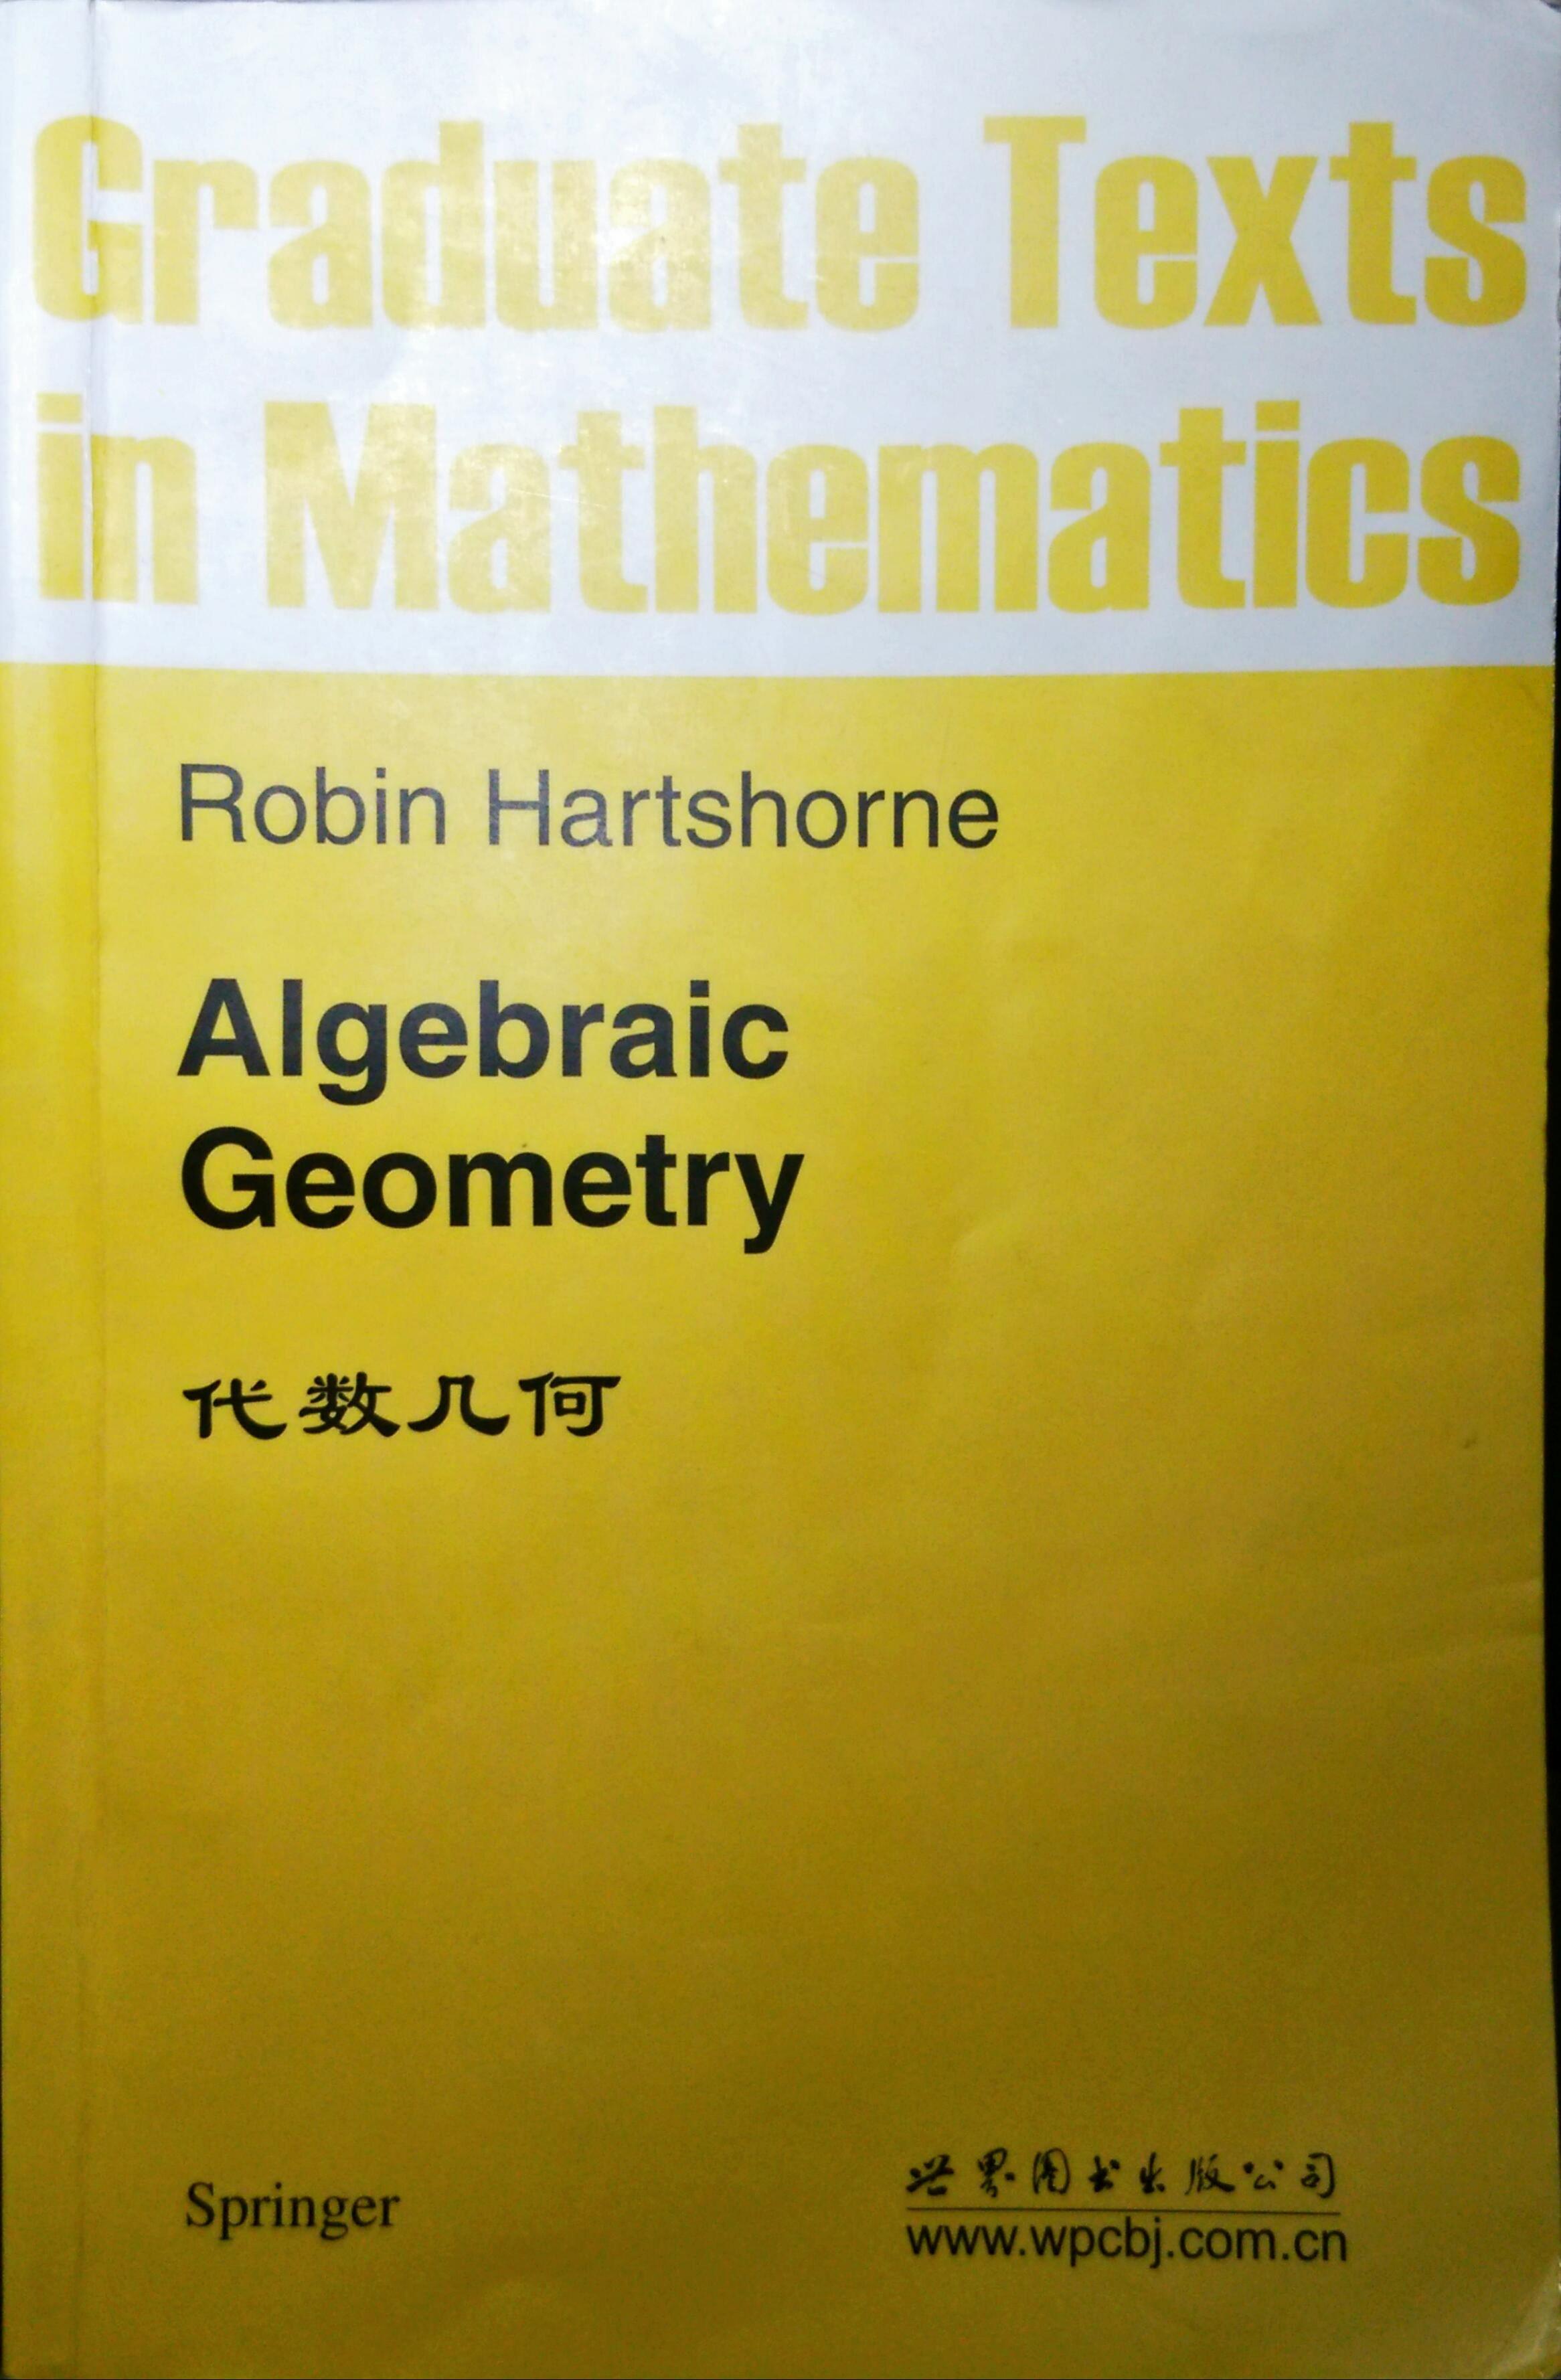 Hartshorne Algebraic Geometry